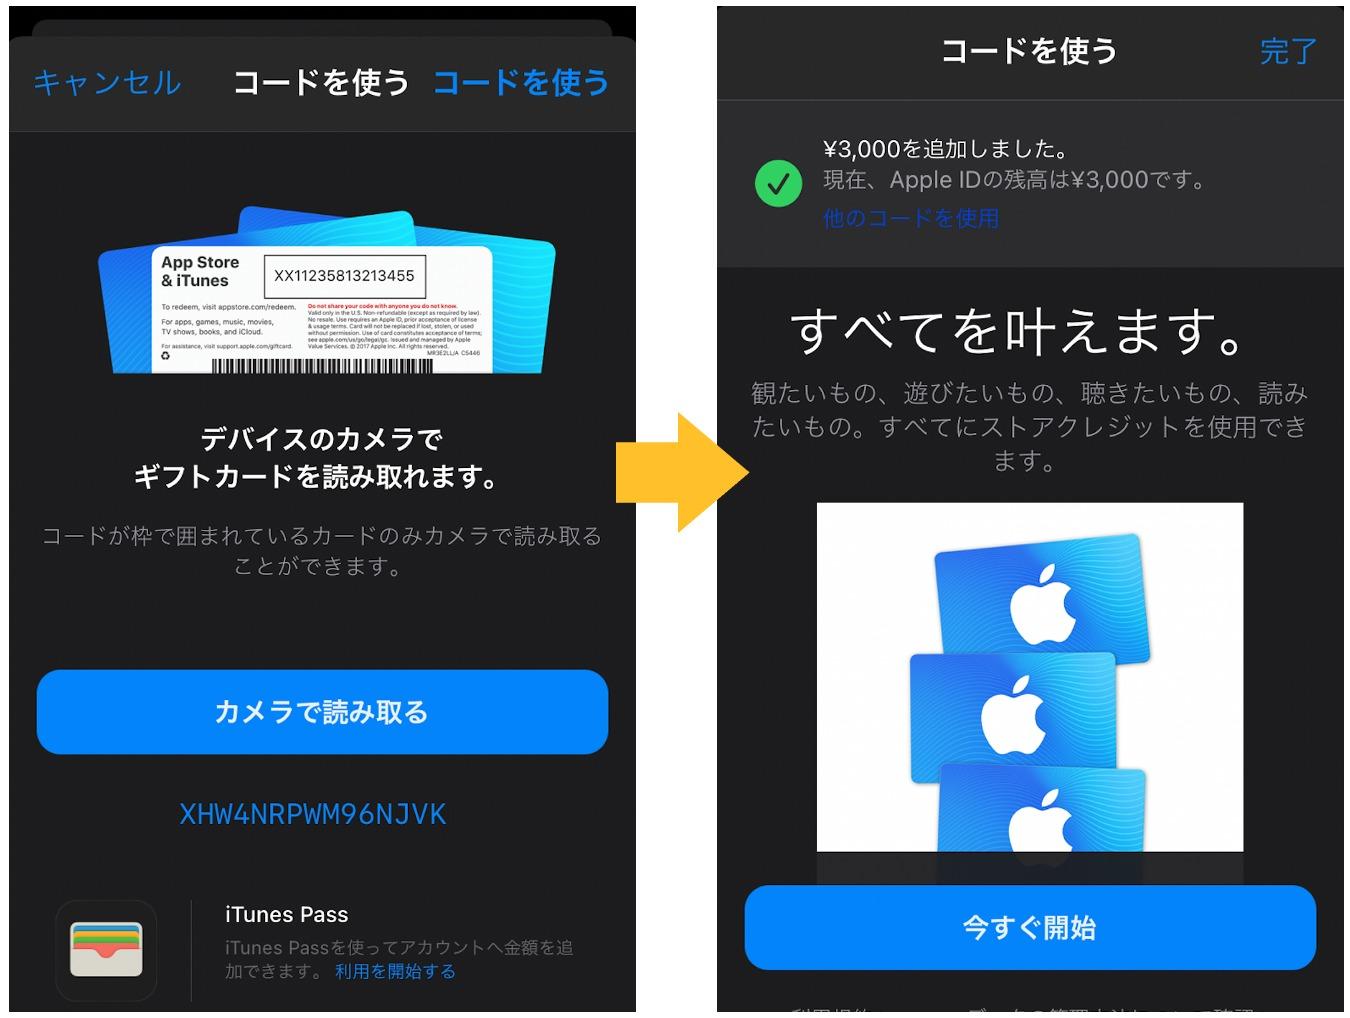 iTunesカード入金画面